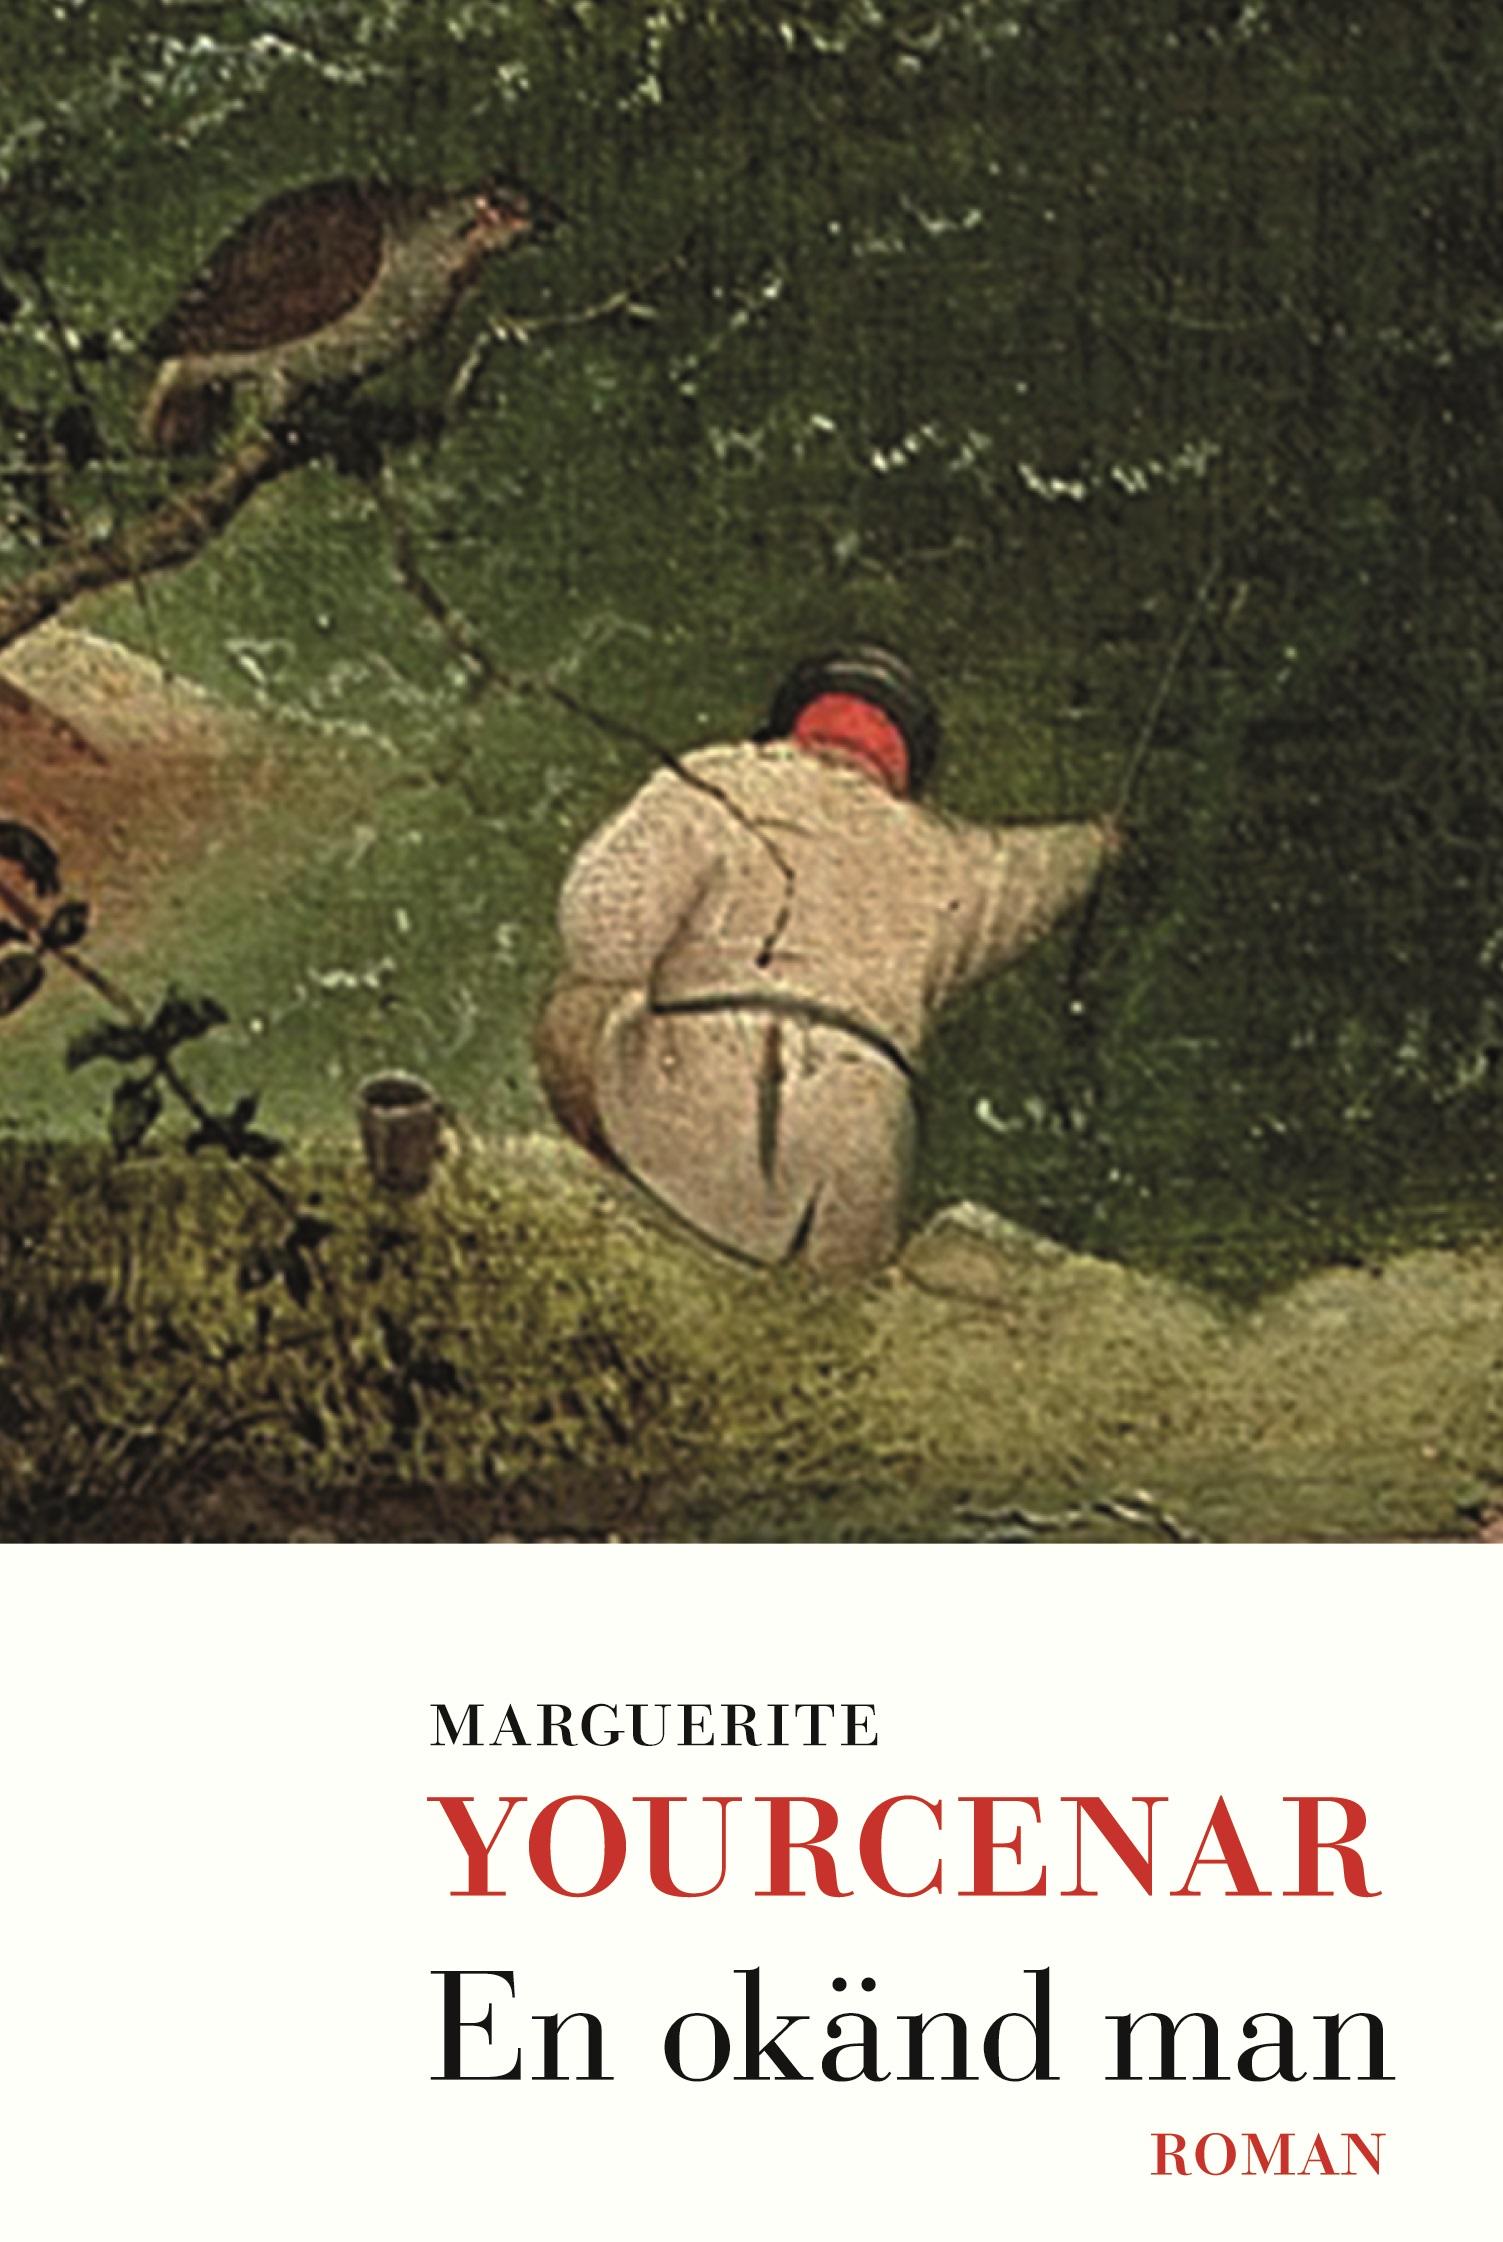 En okänd man av Marguerite Yourenar